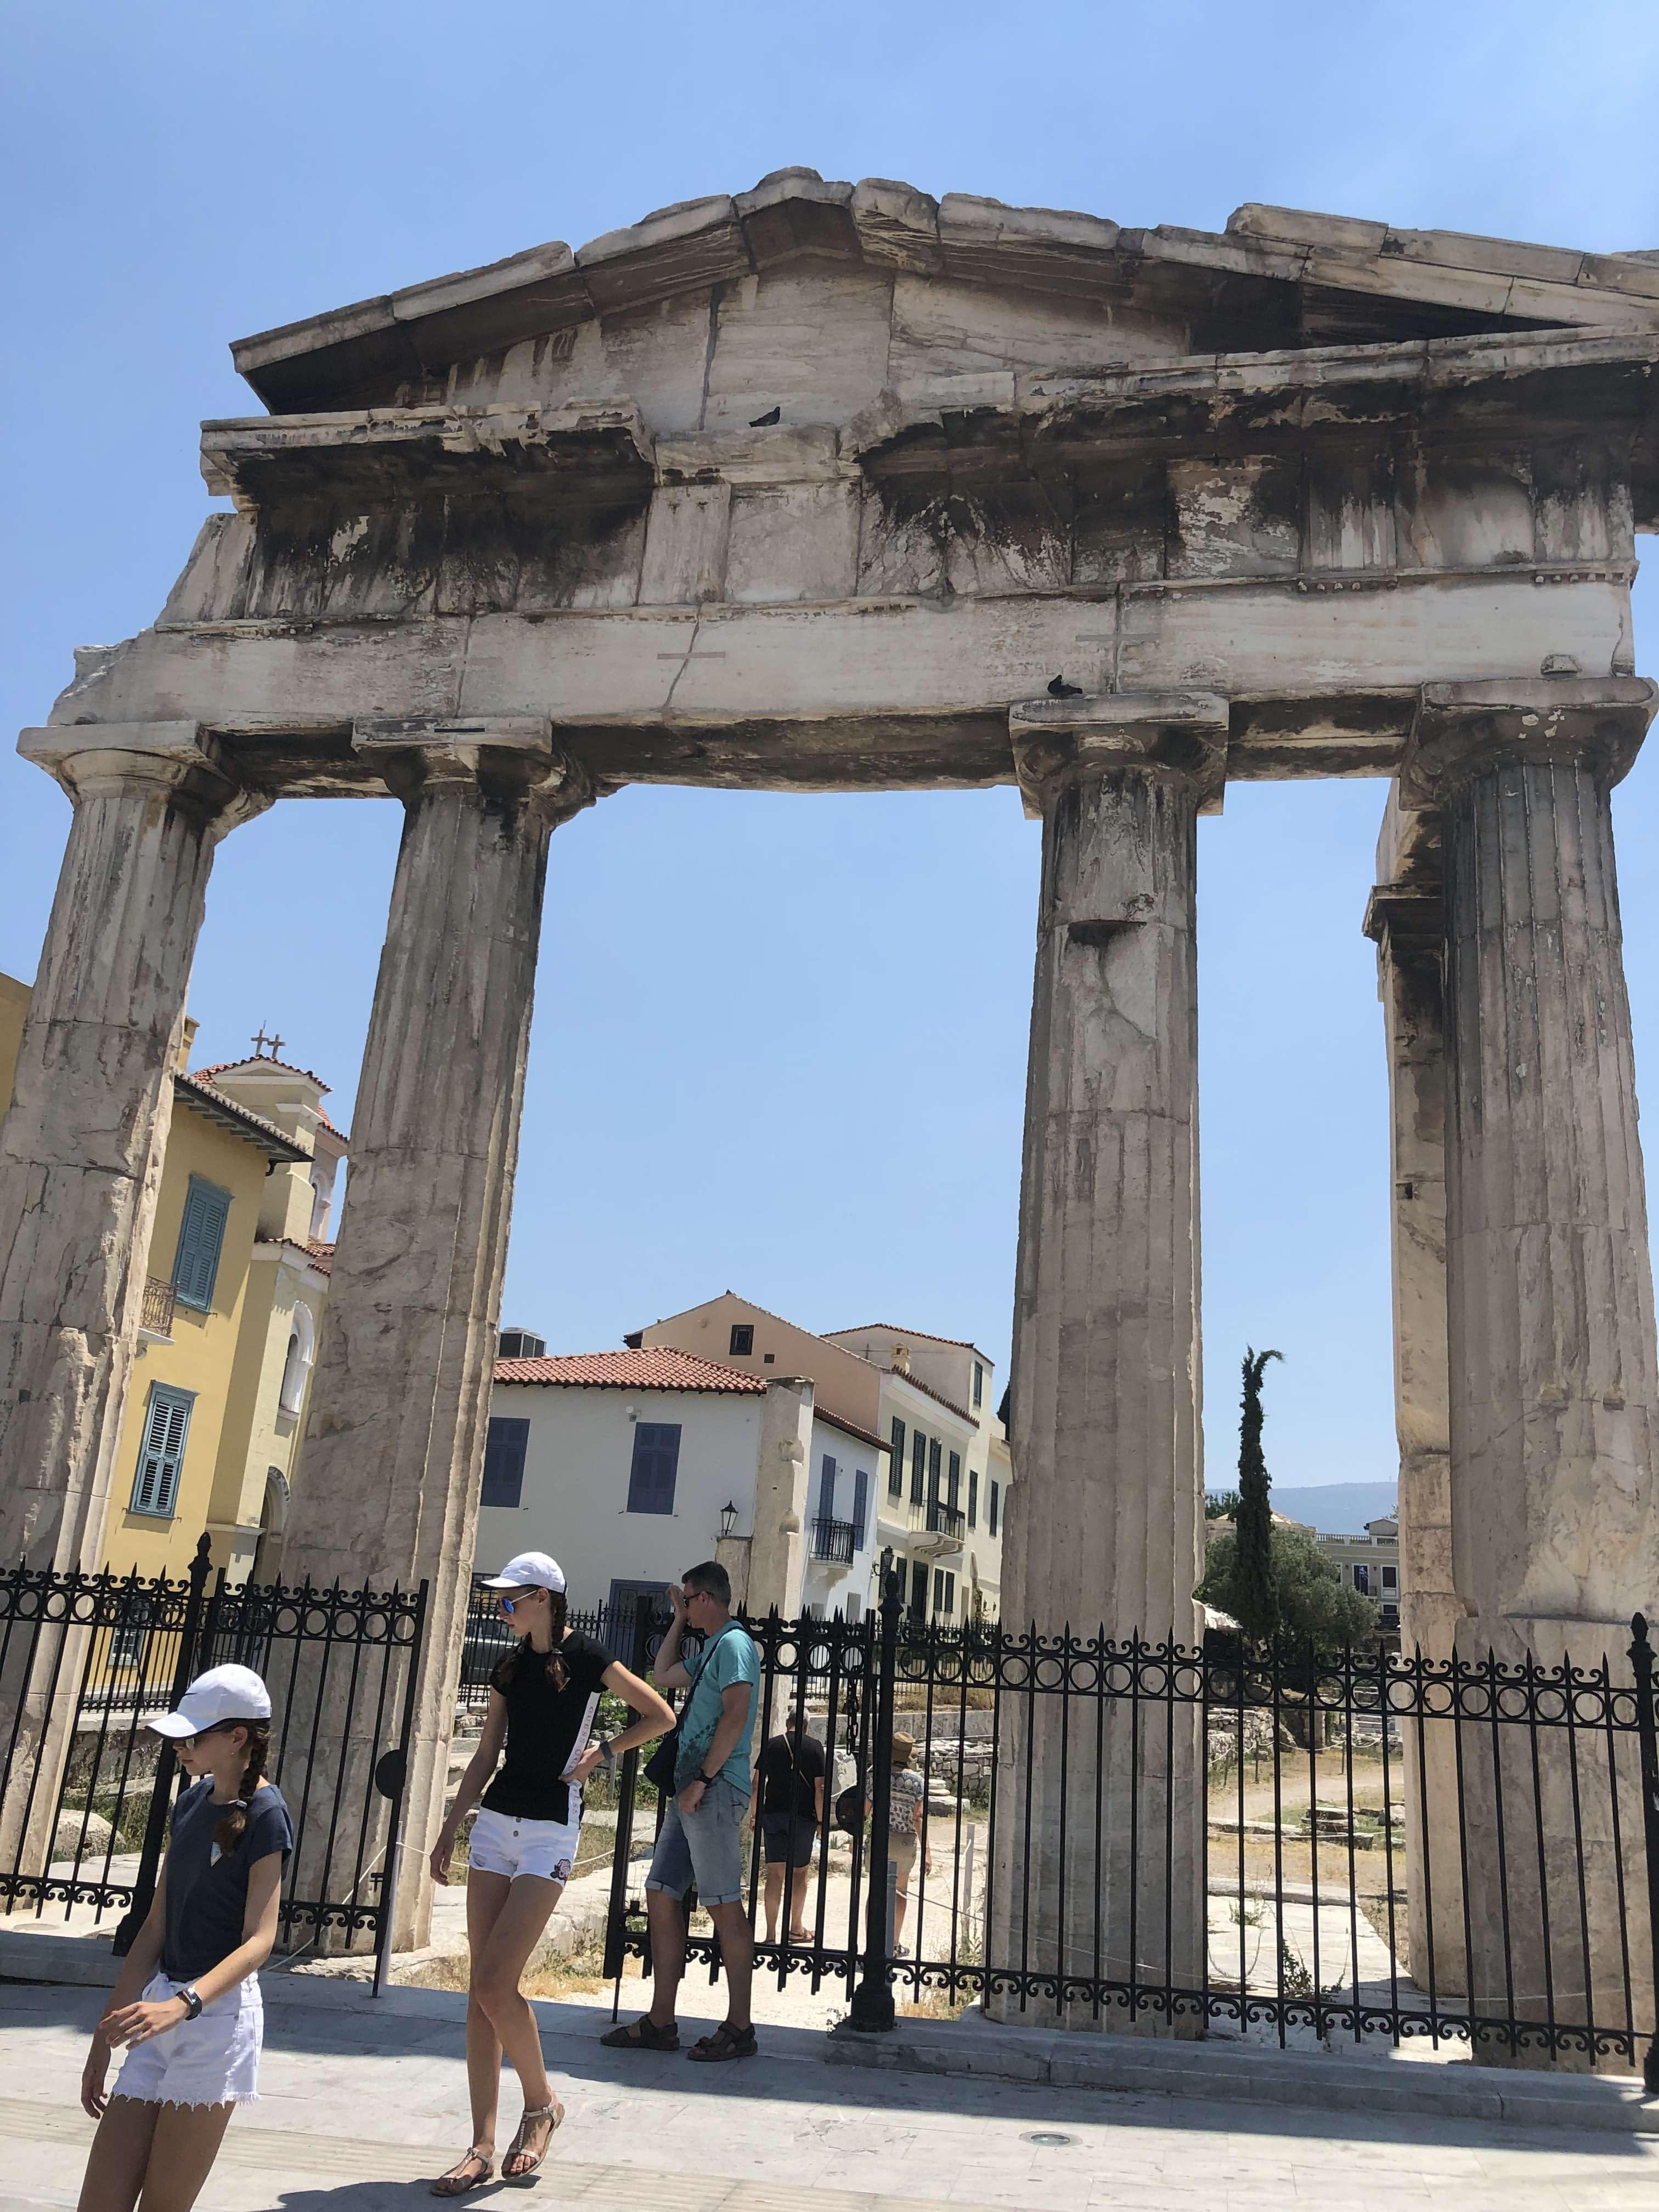 سایت تاریخی رومن اگورا(Roman agora)